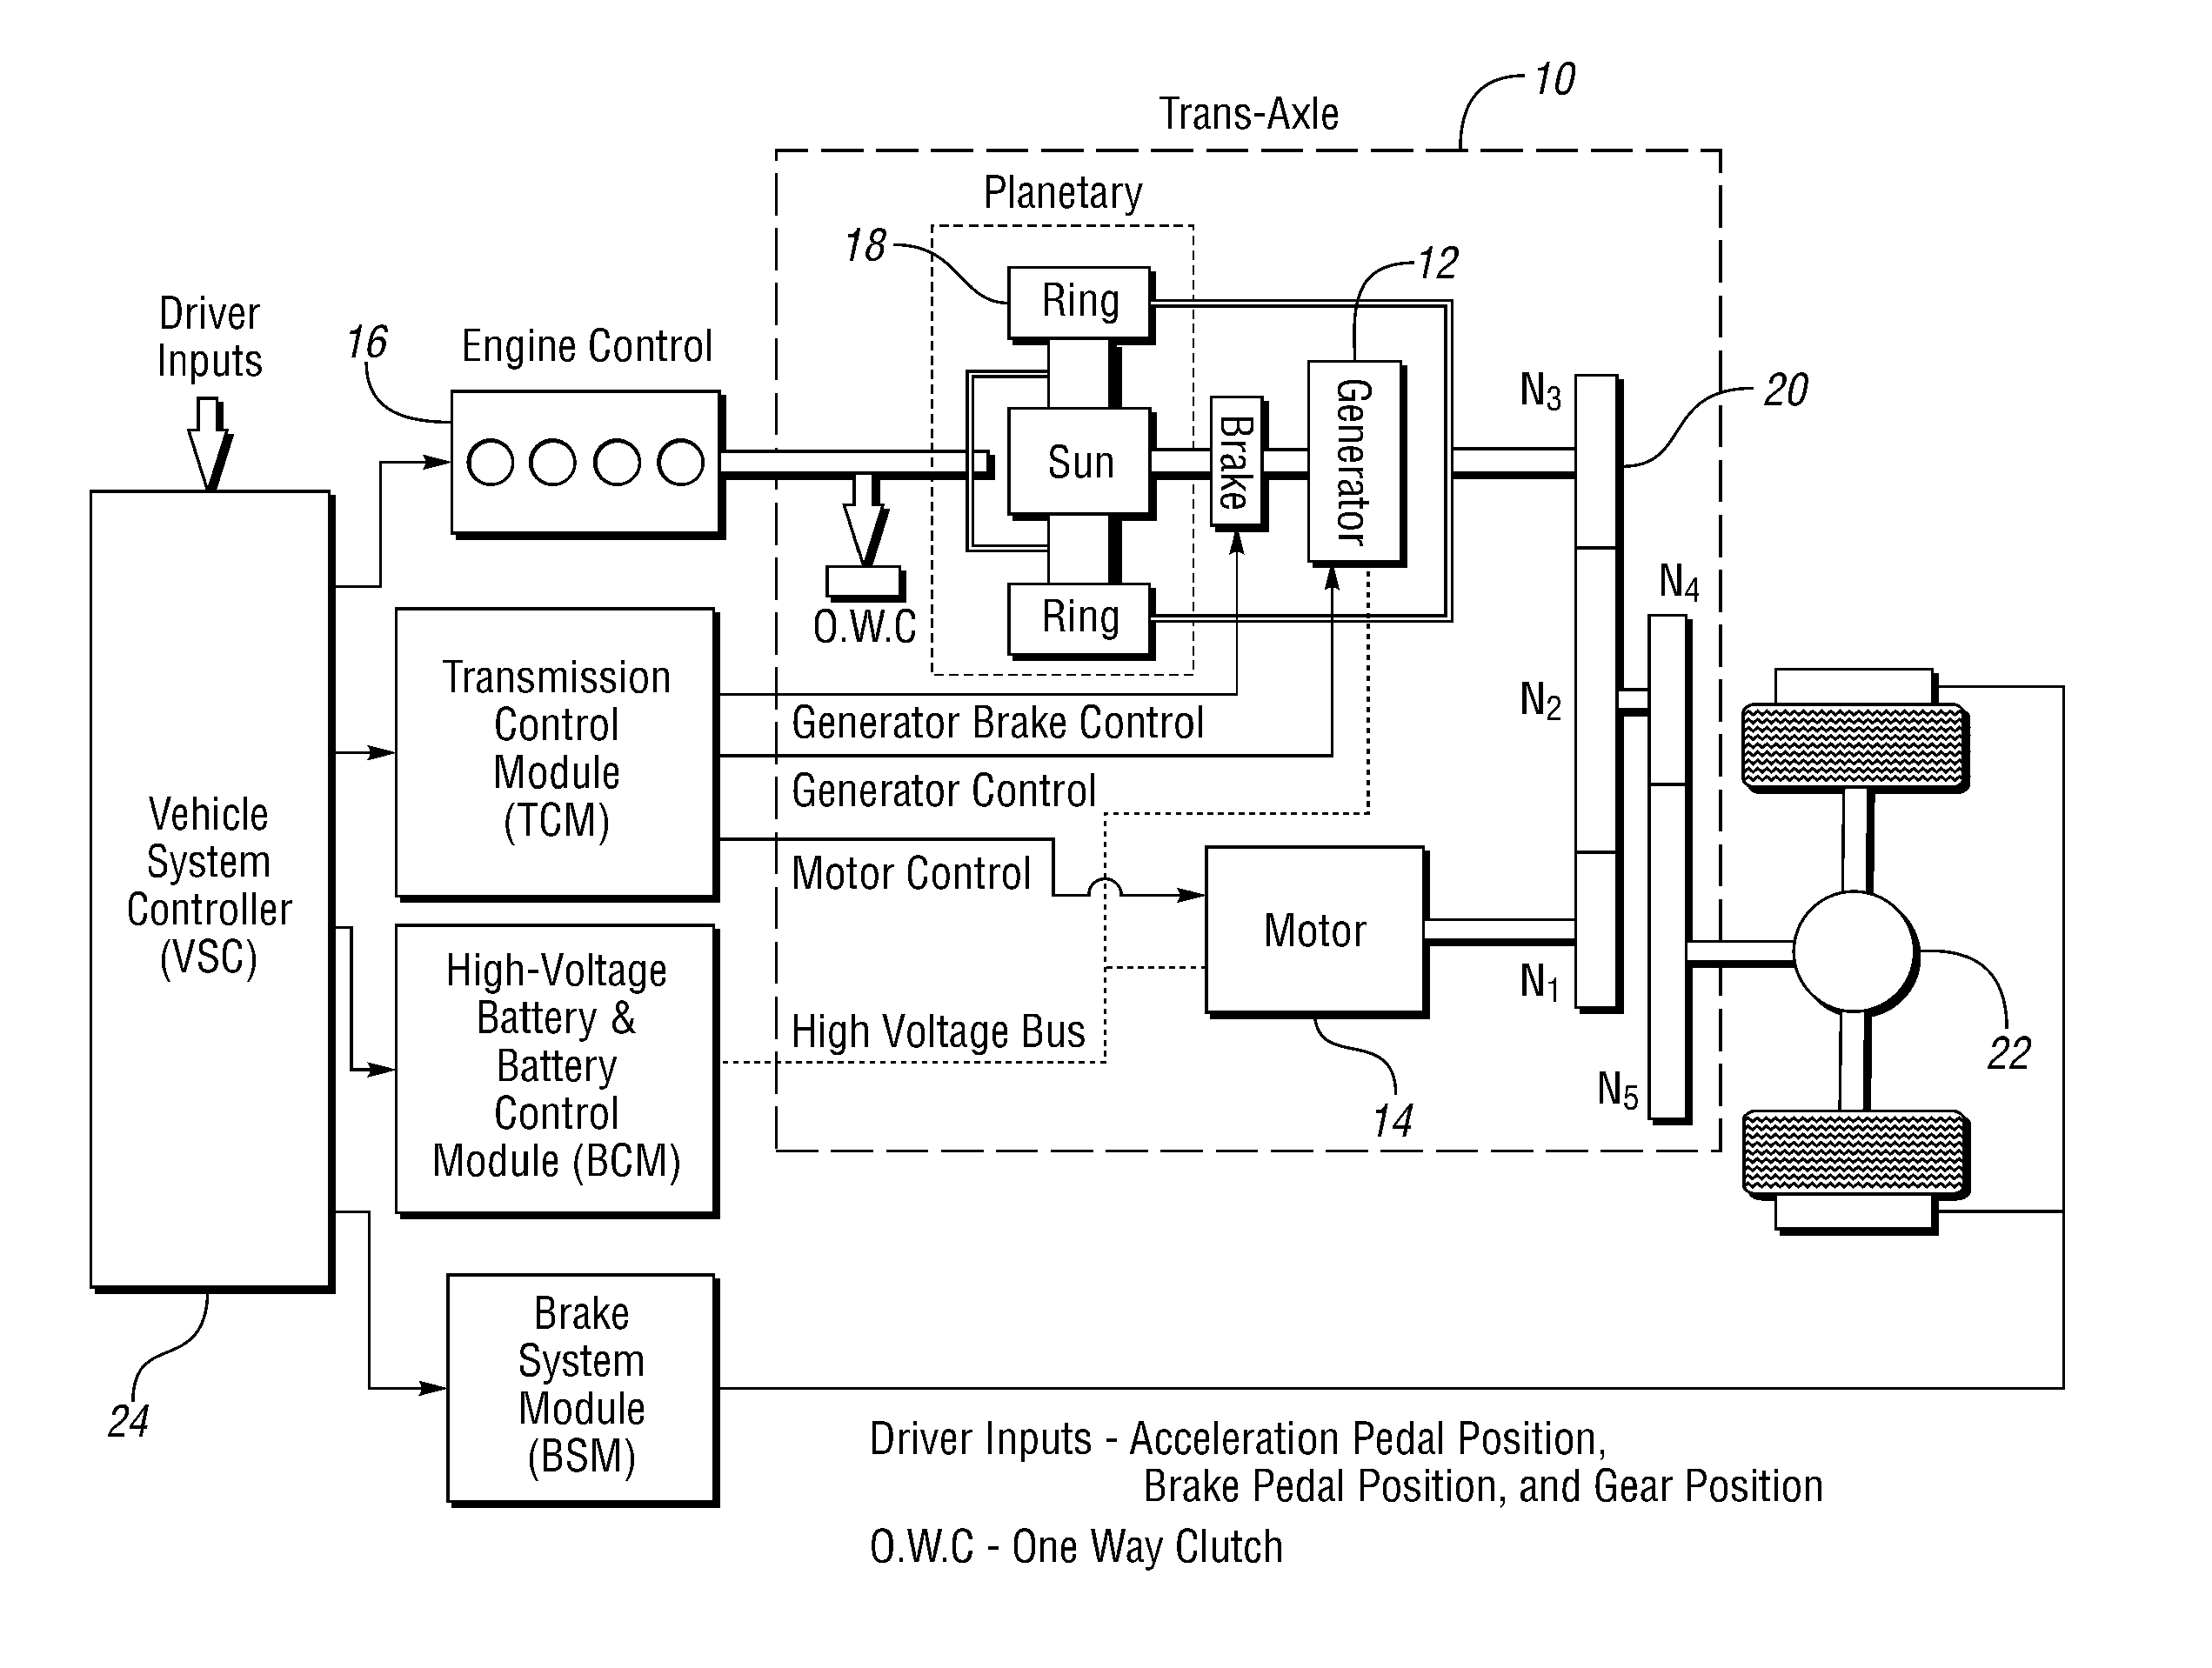 2001 Gem Car Wiring Diagram